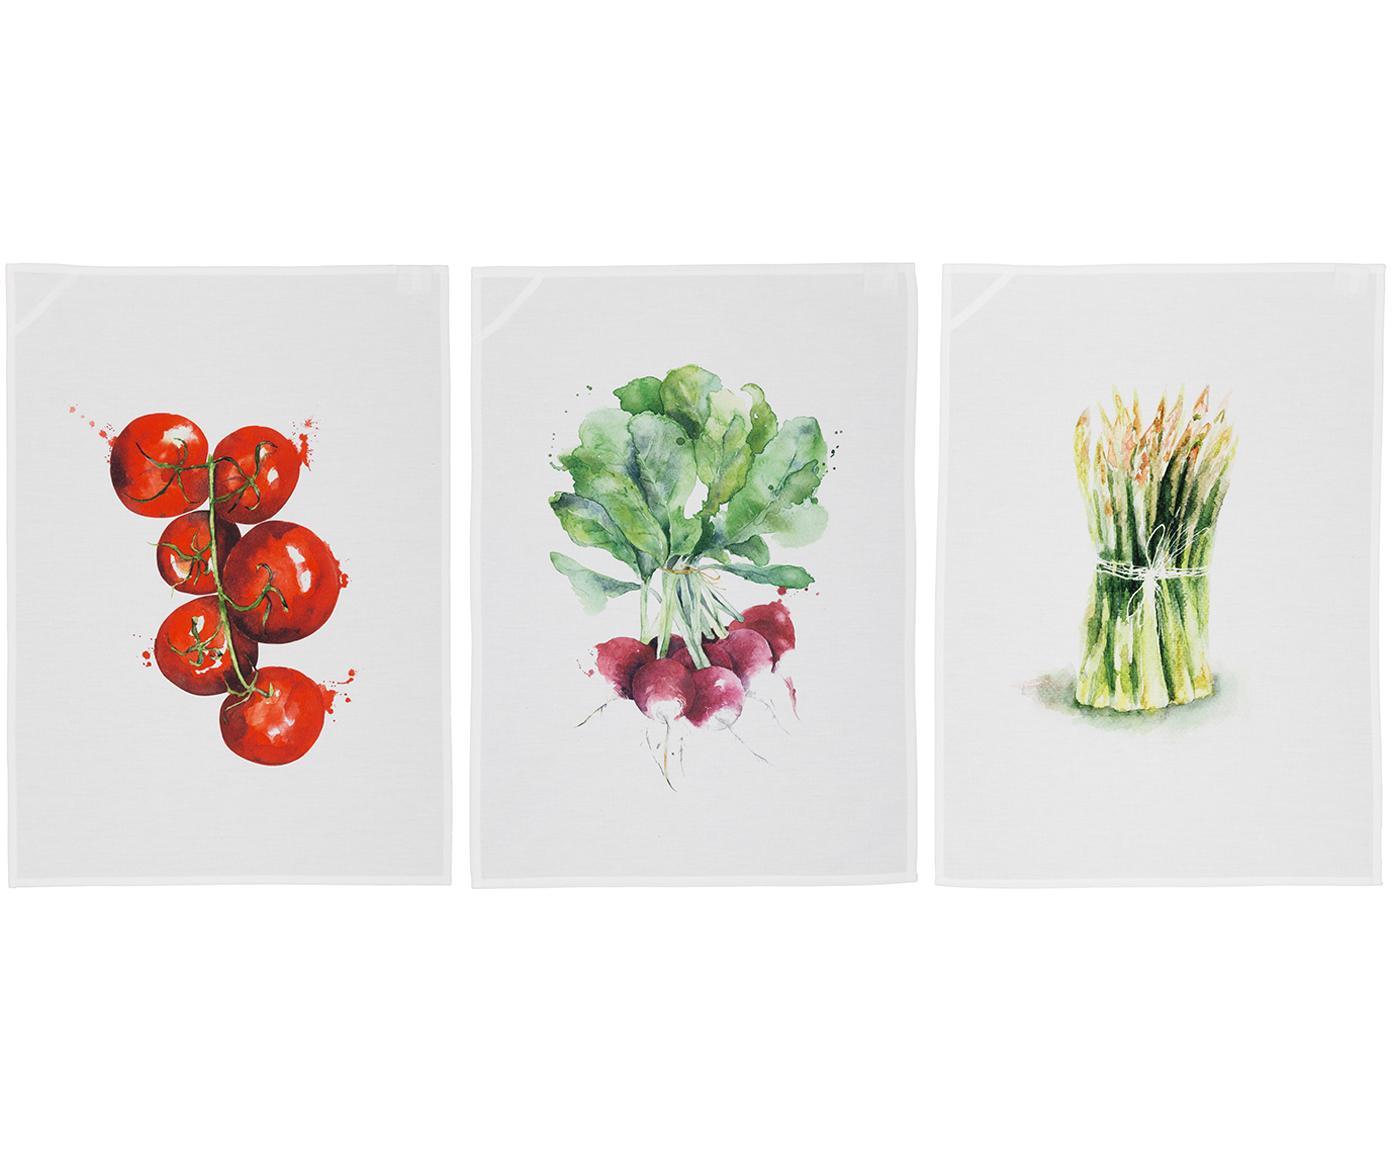 Set de paños de cocina Marchè, 3pzas., Blanco, verde, rojo, An 50 x L 70 cm